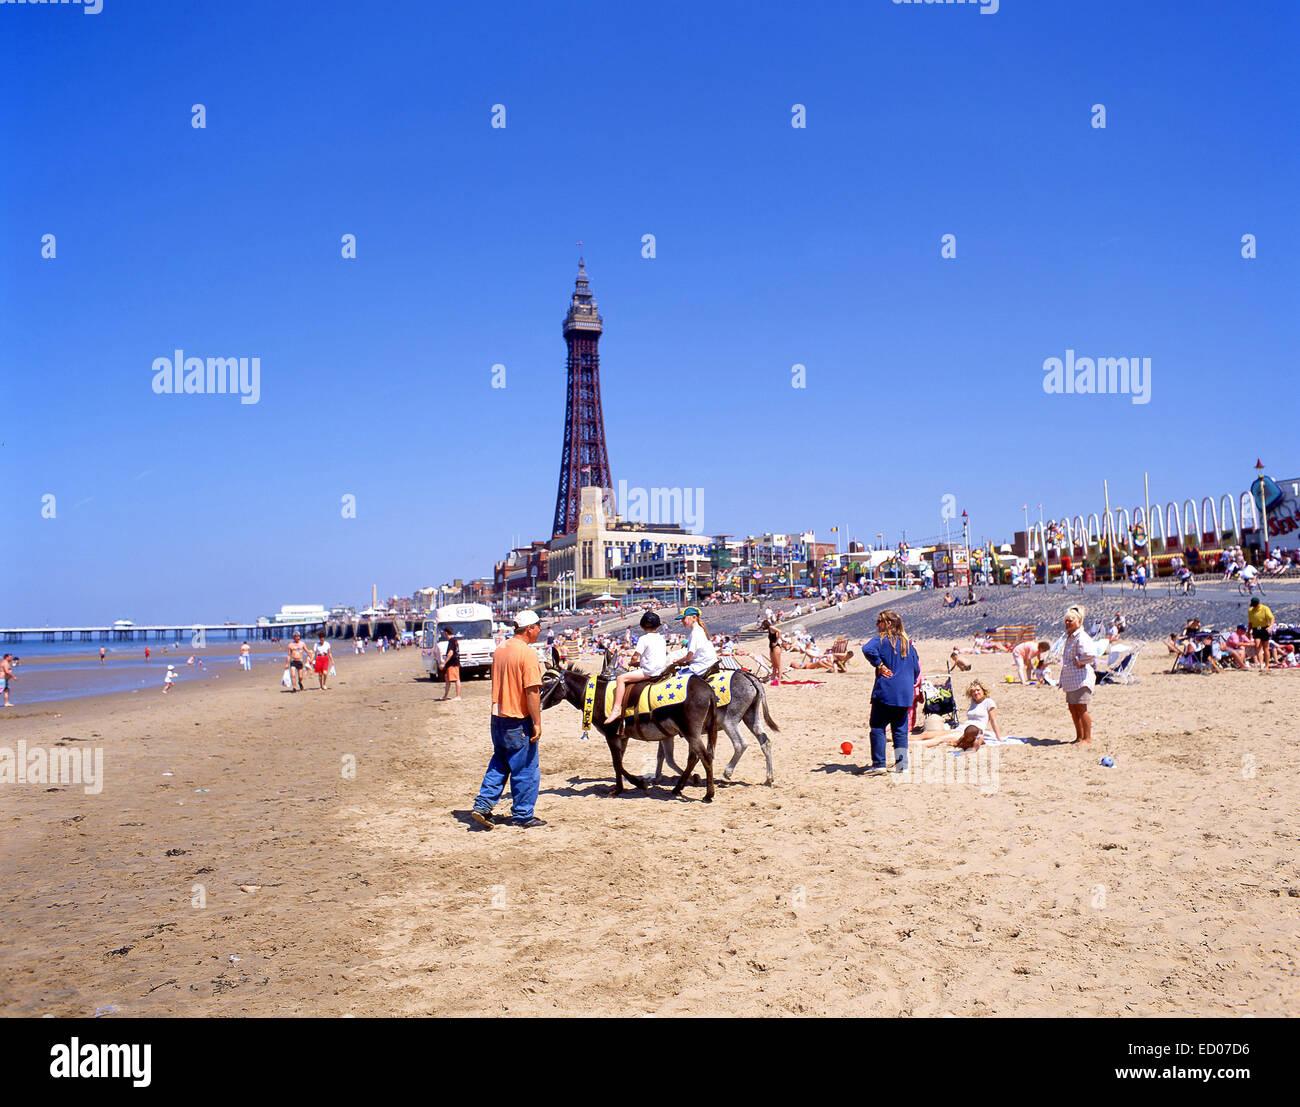 Donkey rides on Blackpool Sands, Blackpool, Lancashire, England, United Kingdom - Stock Image